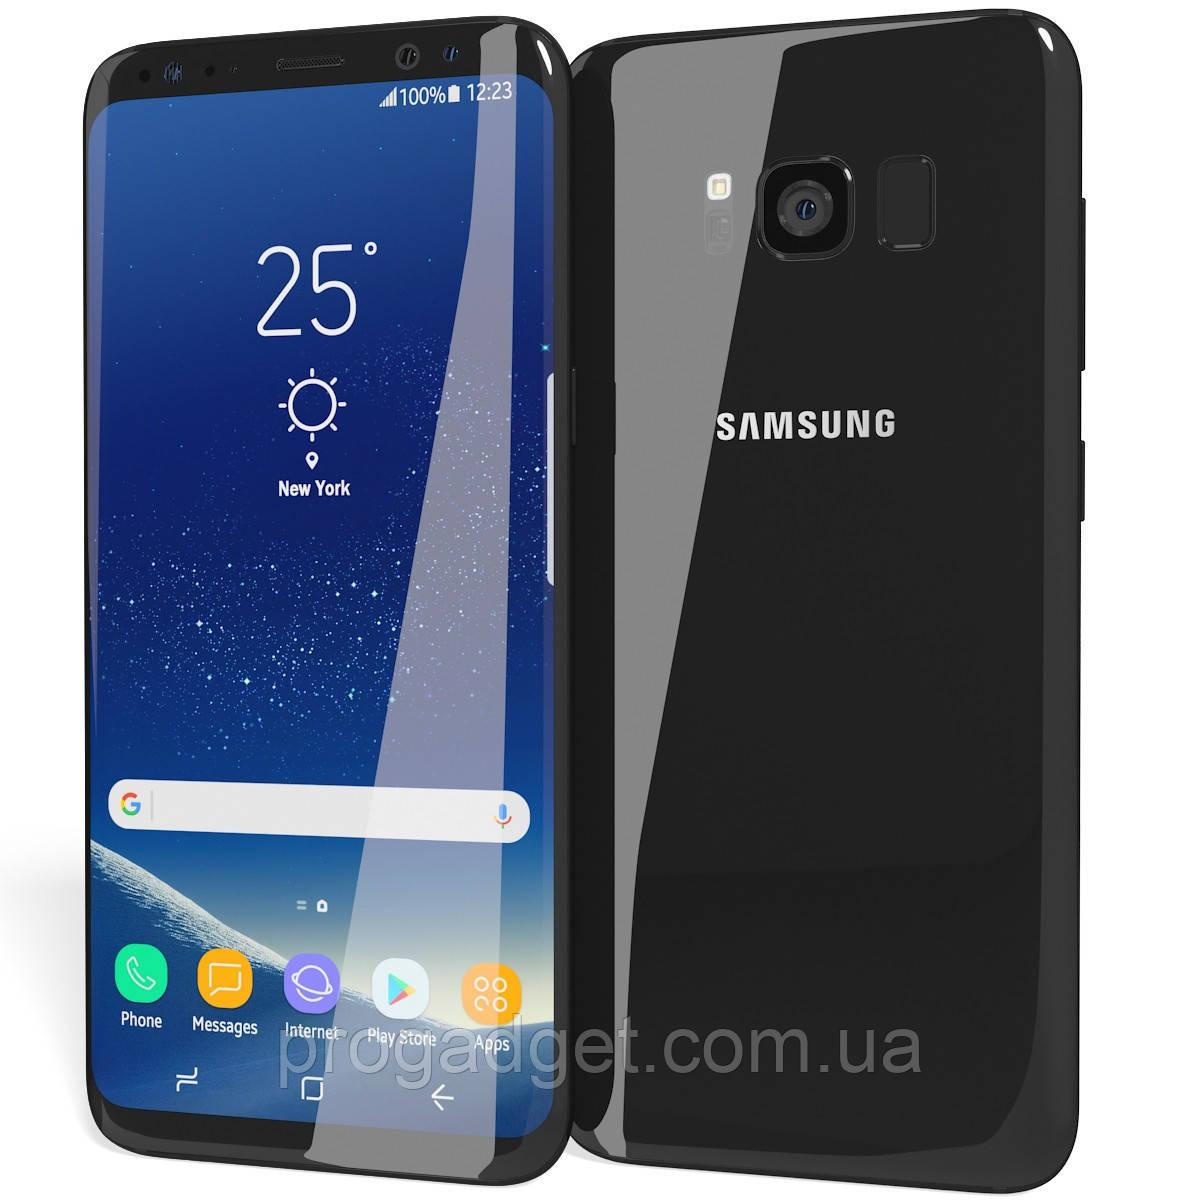 b7971d743c72c Топ флагман 2018 - Samsung Galaxy S8 SM-G950U1 Midnight Black 4 / 64GB (